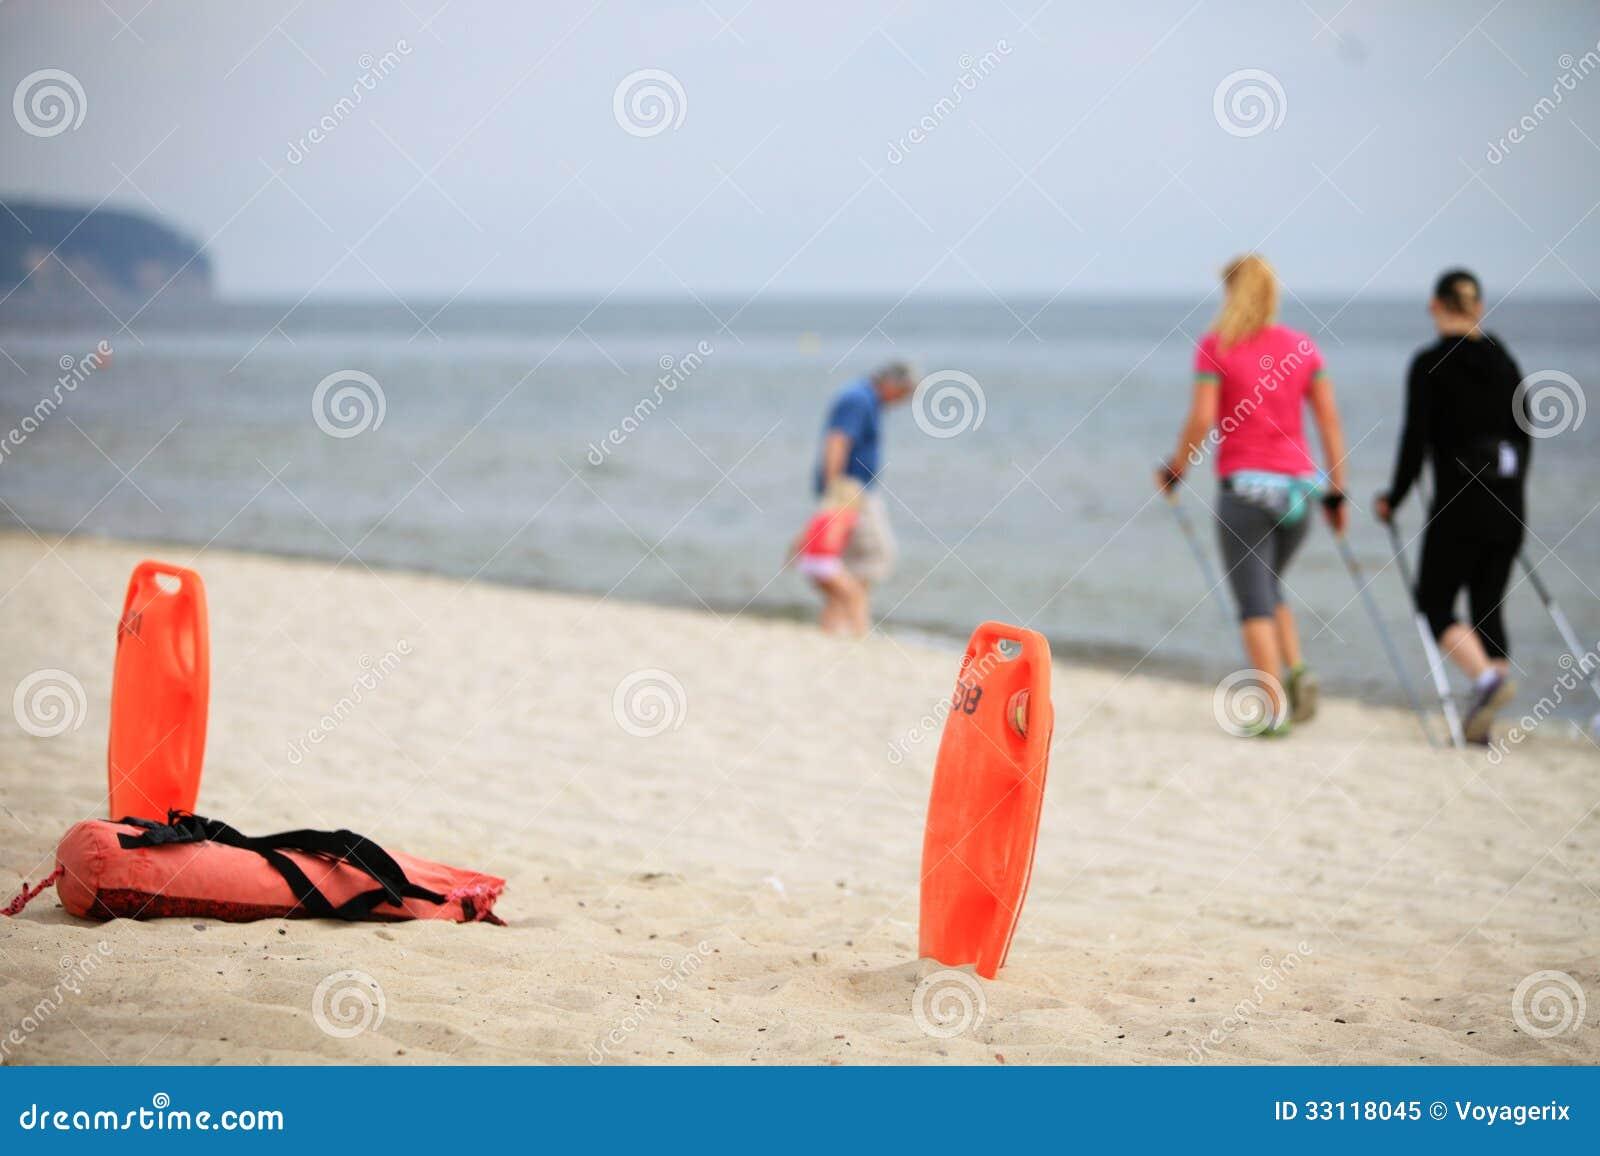 Free photo: India, Goa, Beach, Rescue, Flag - Free Image on ...